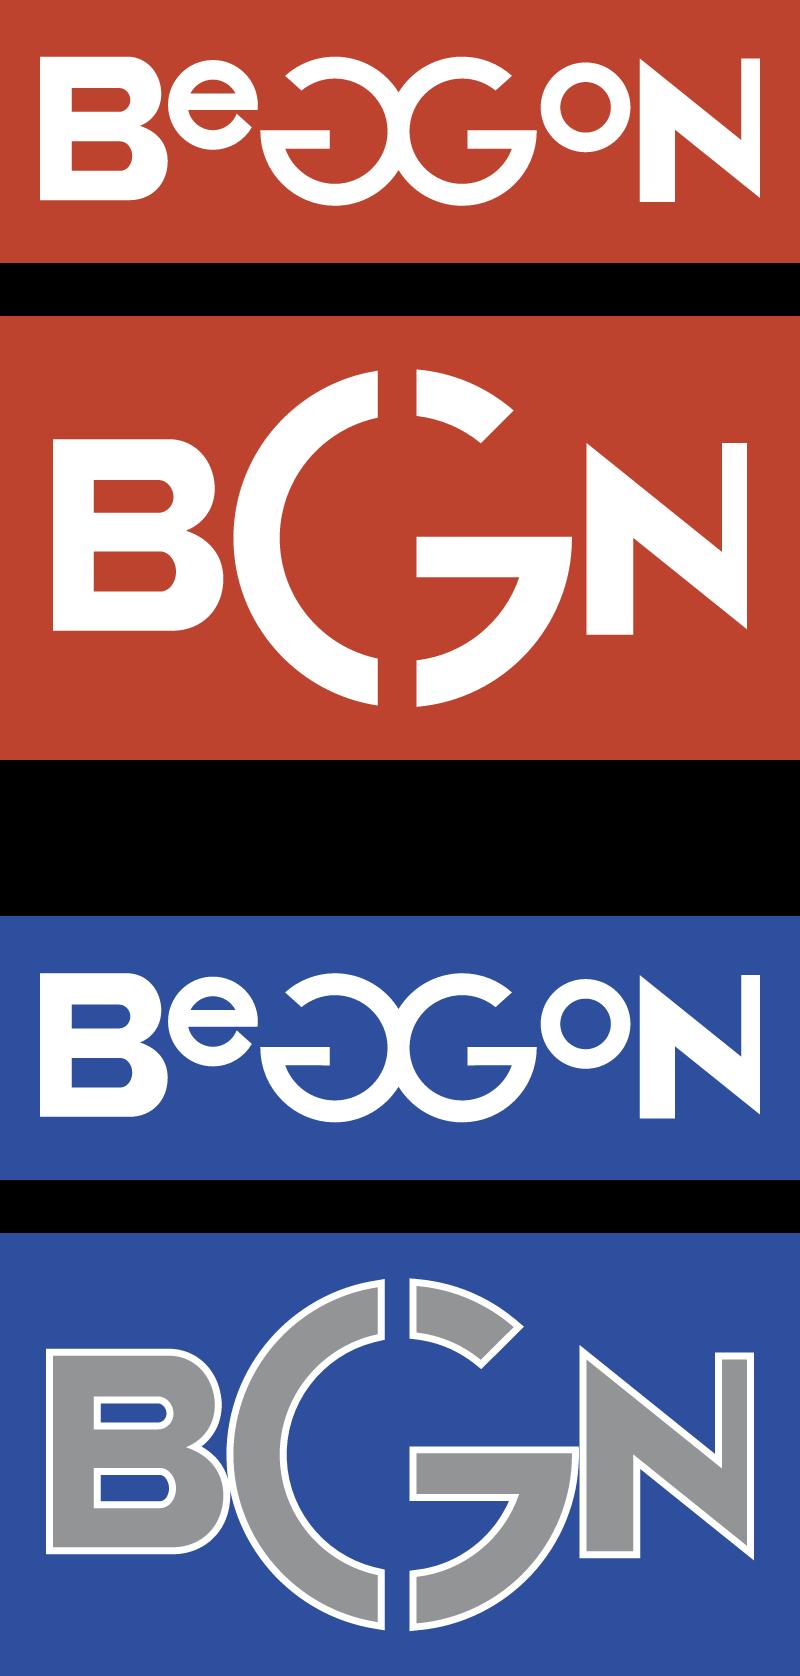 BeGGon vector